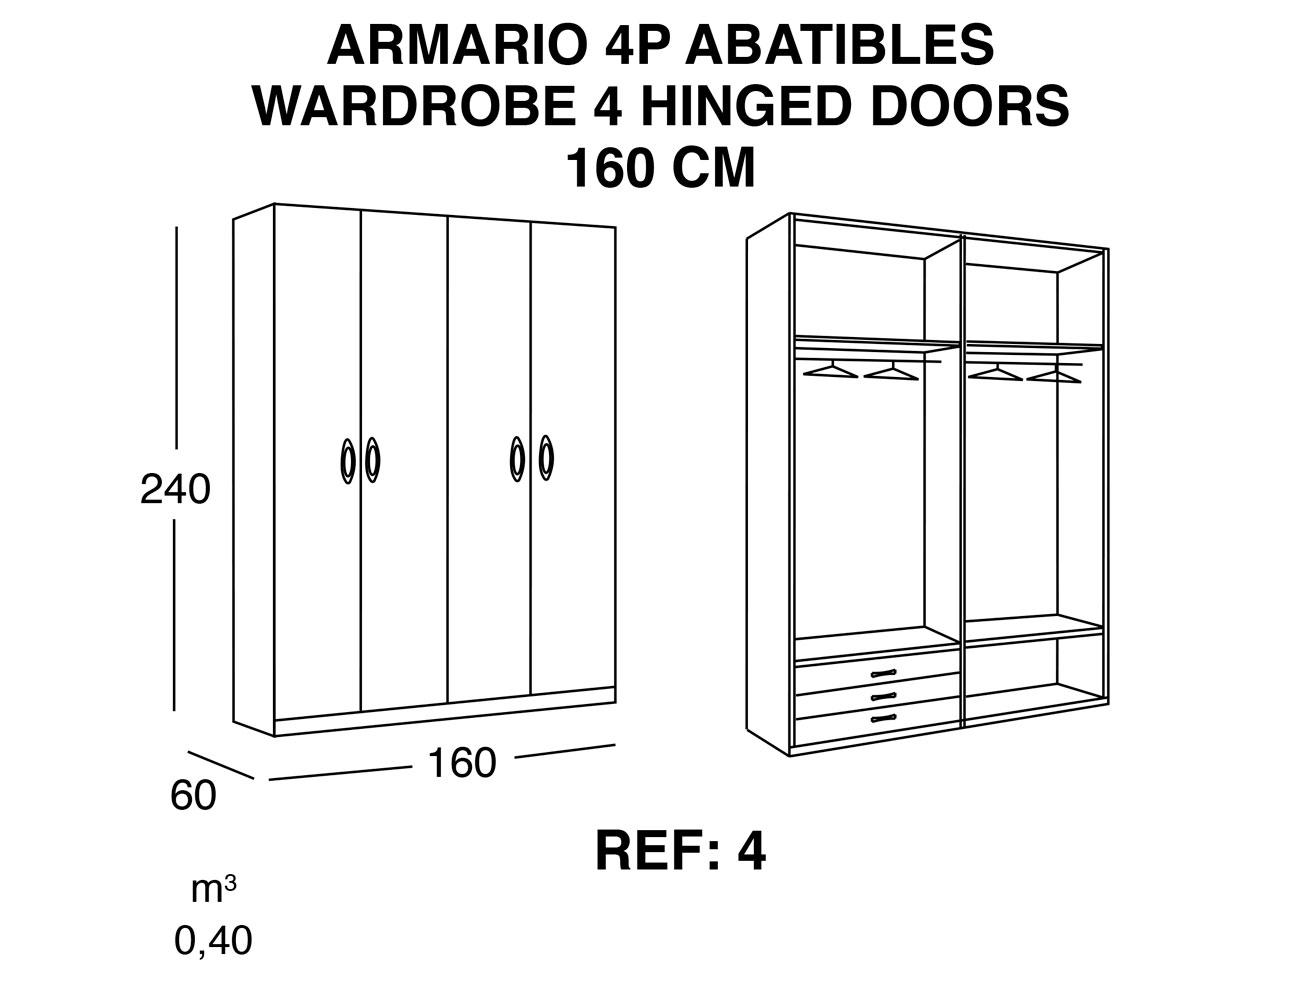 Armario 4p abatibles 160